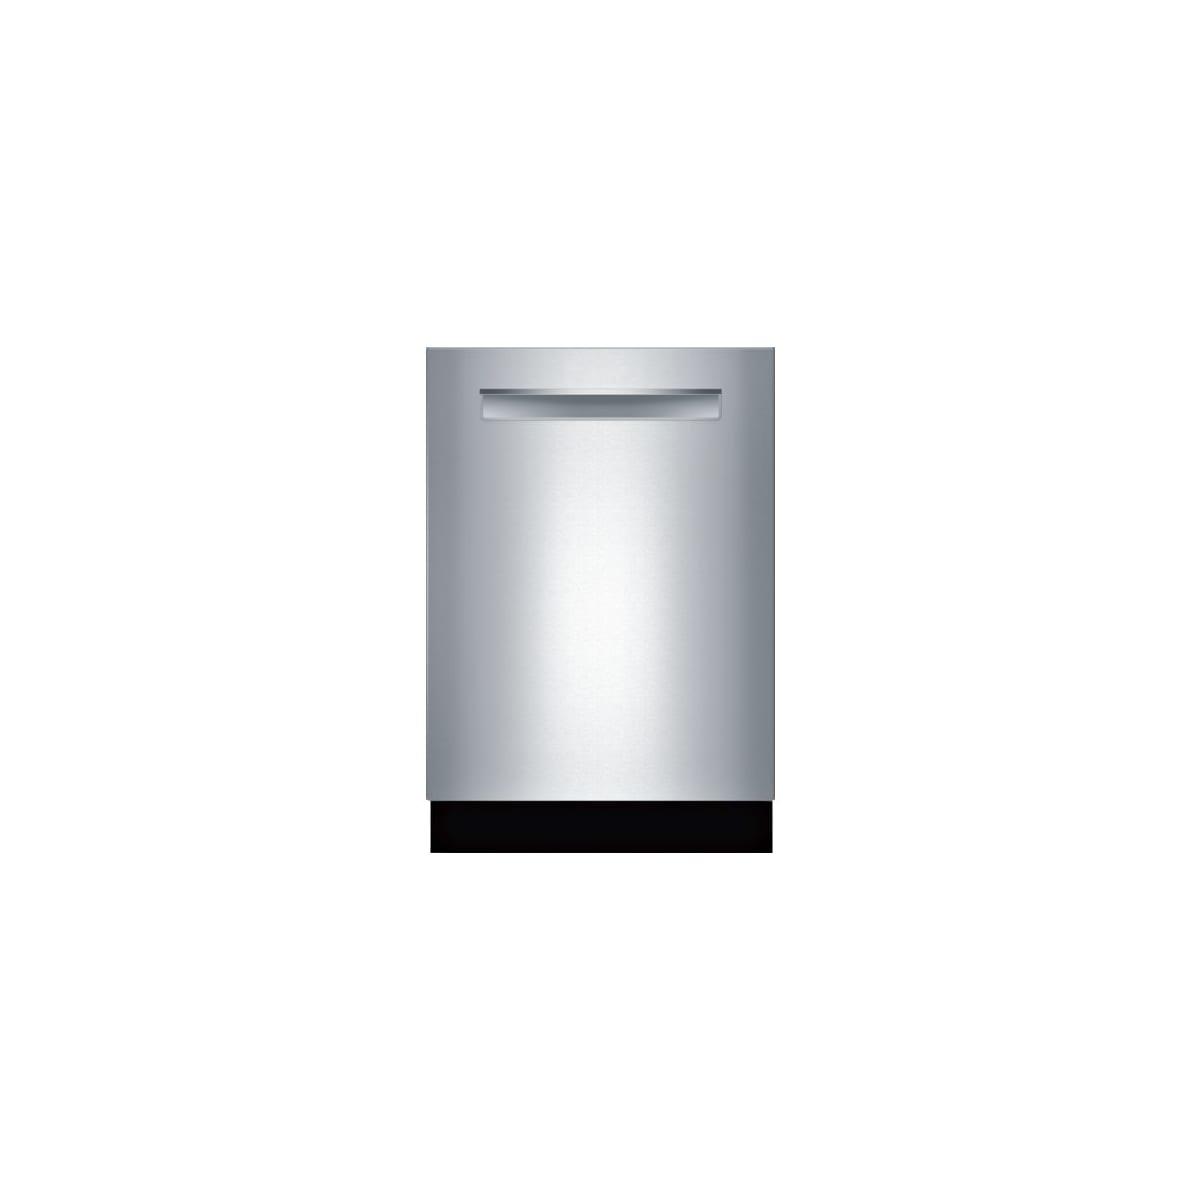 10 BEST Bosch Quiet Dishwashers of March 2020 15